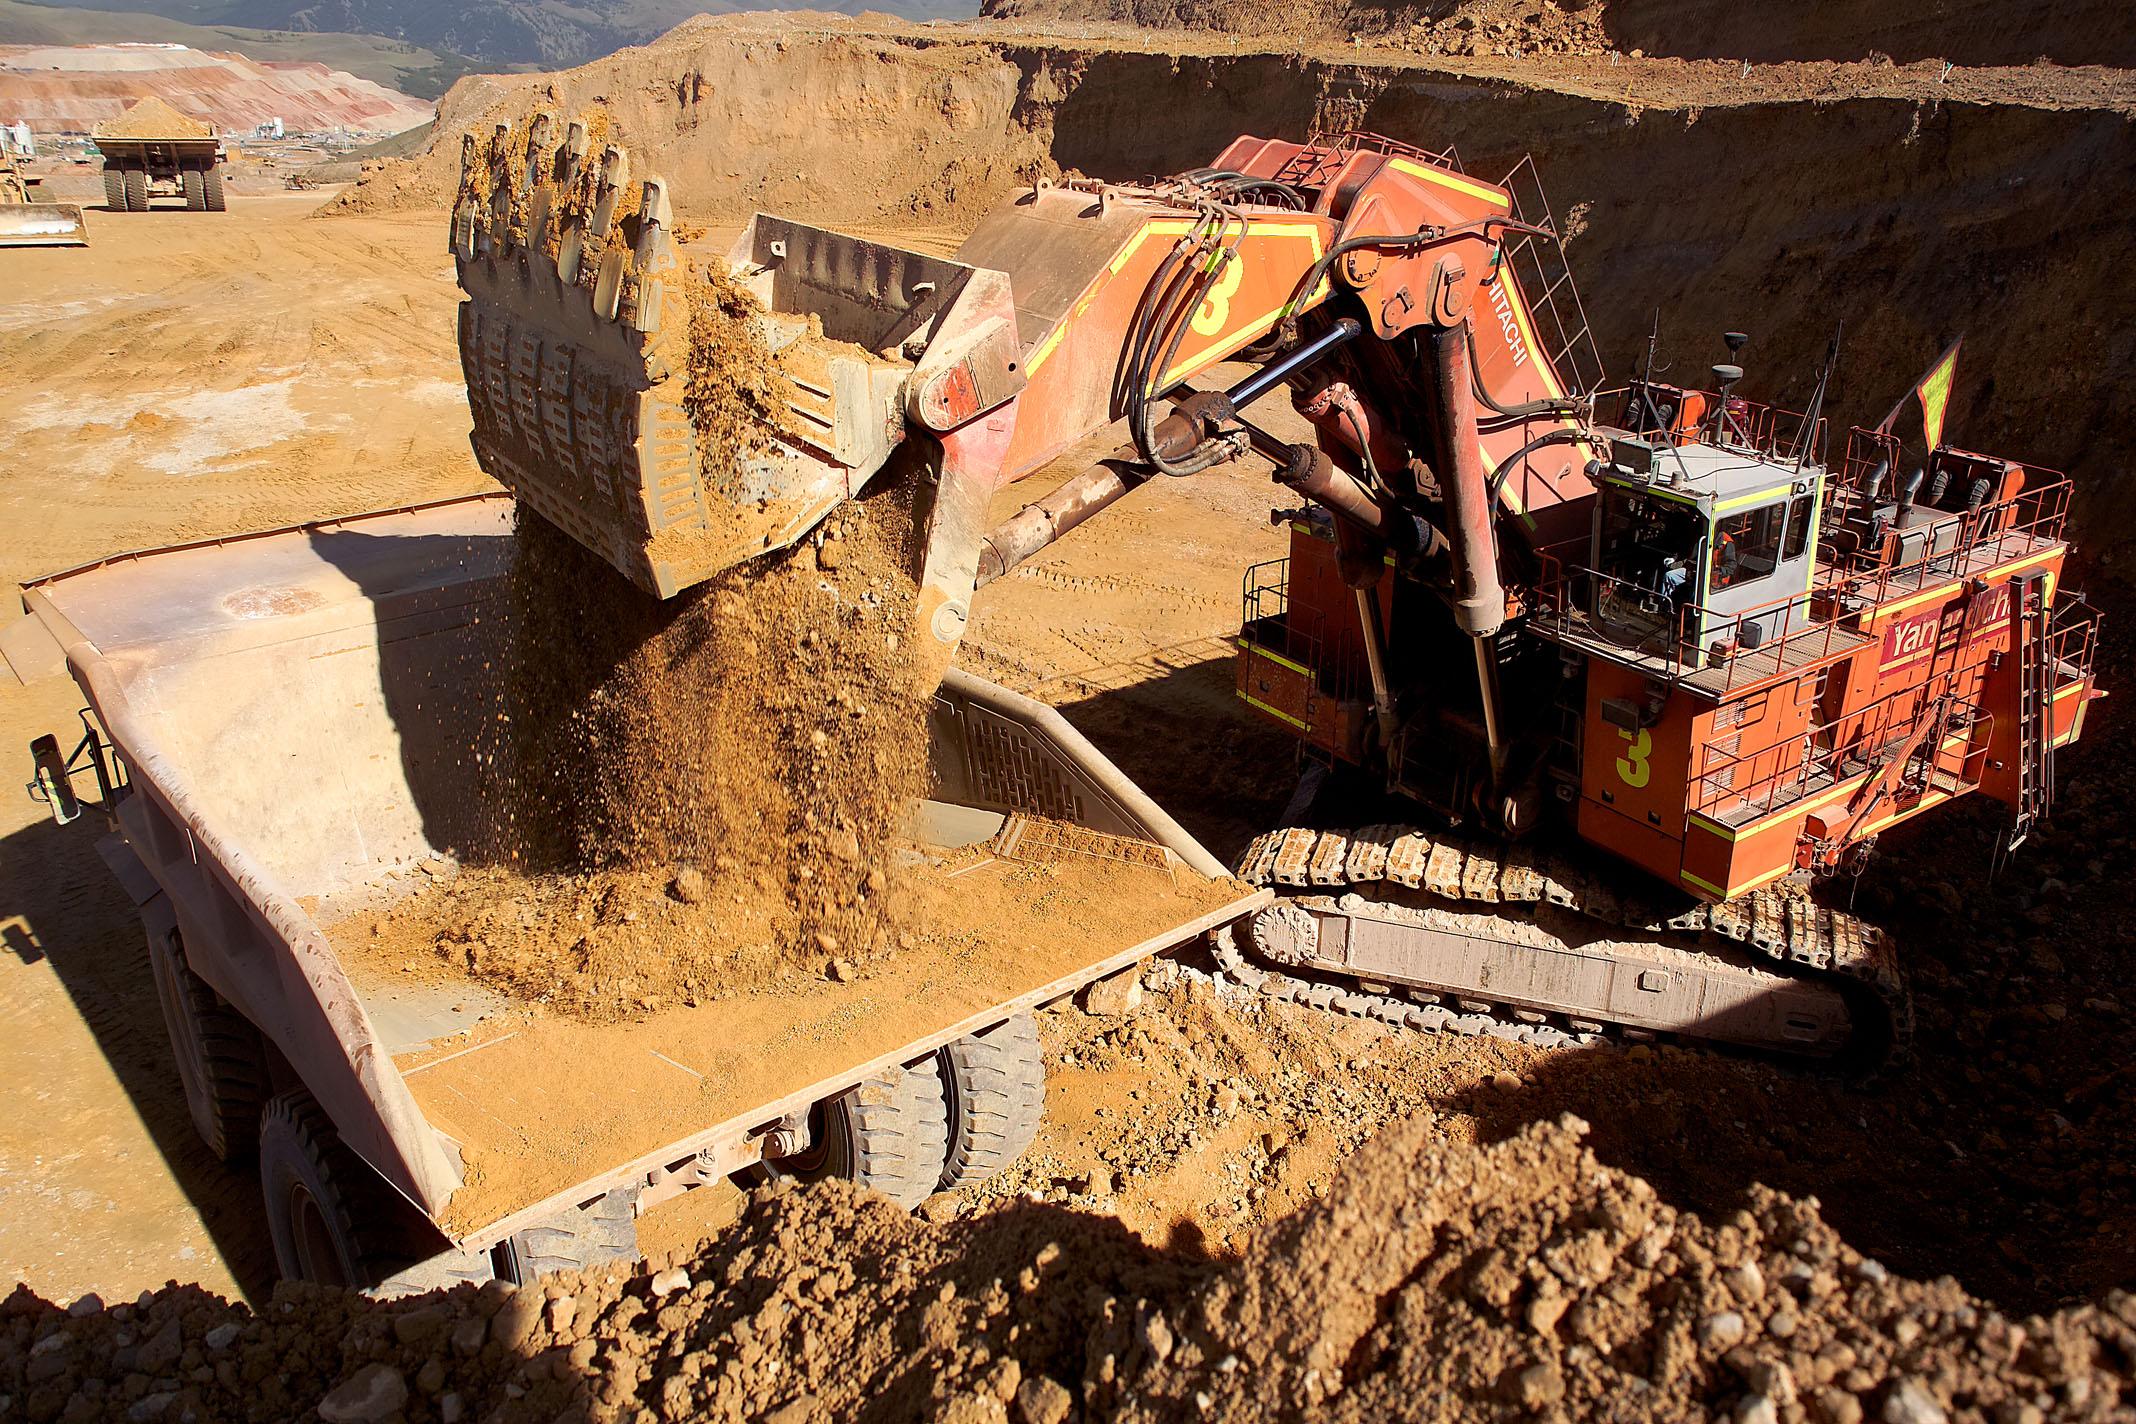 extracción de recursos minerales de la Tierra